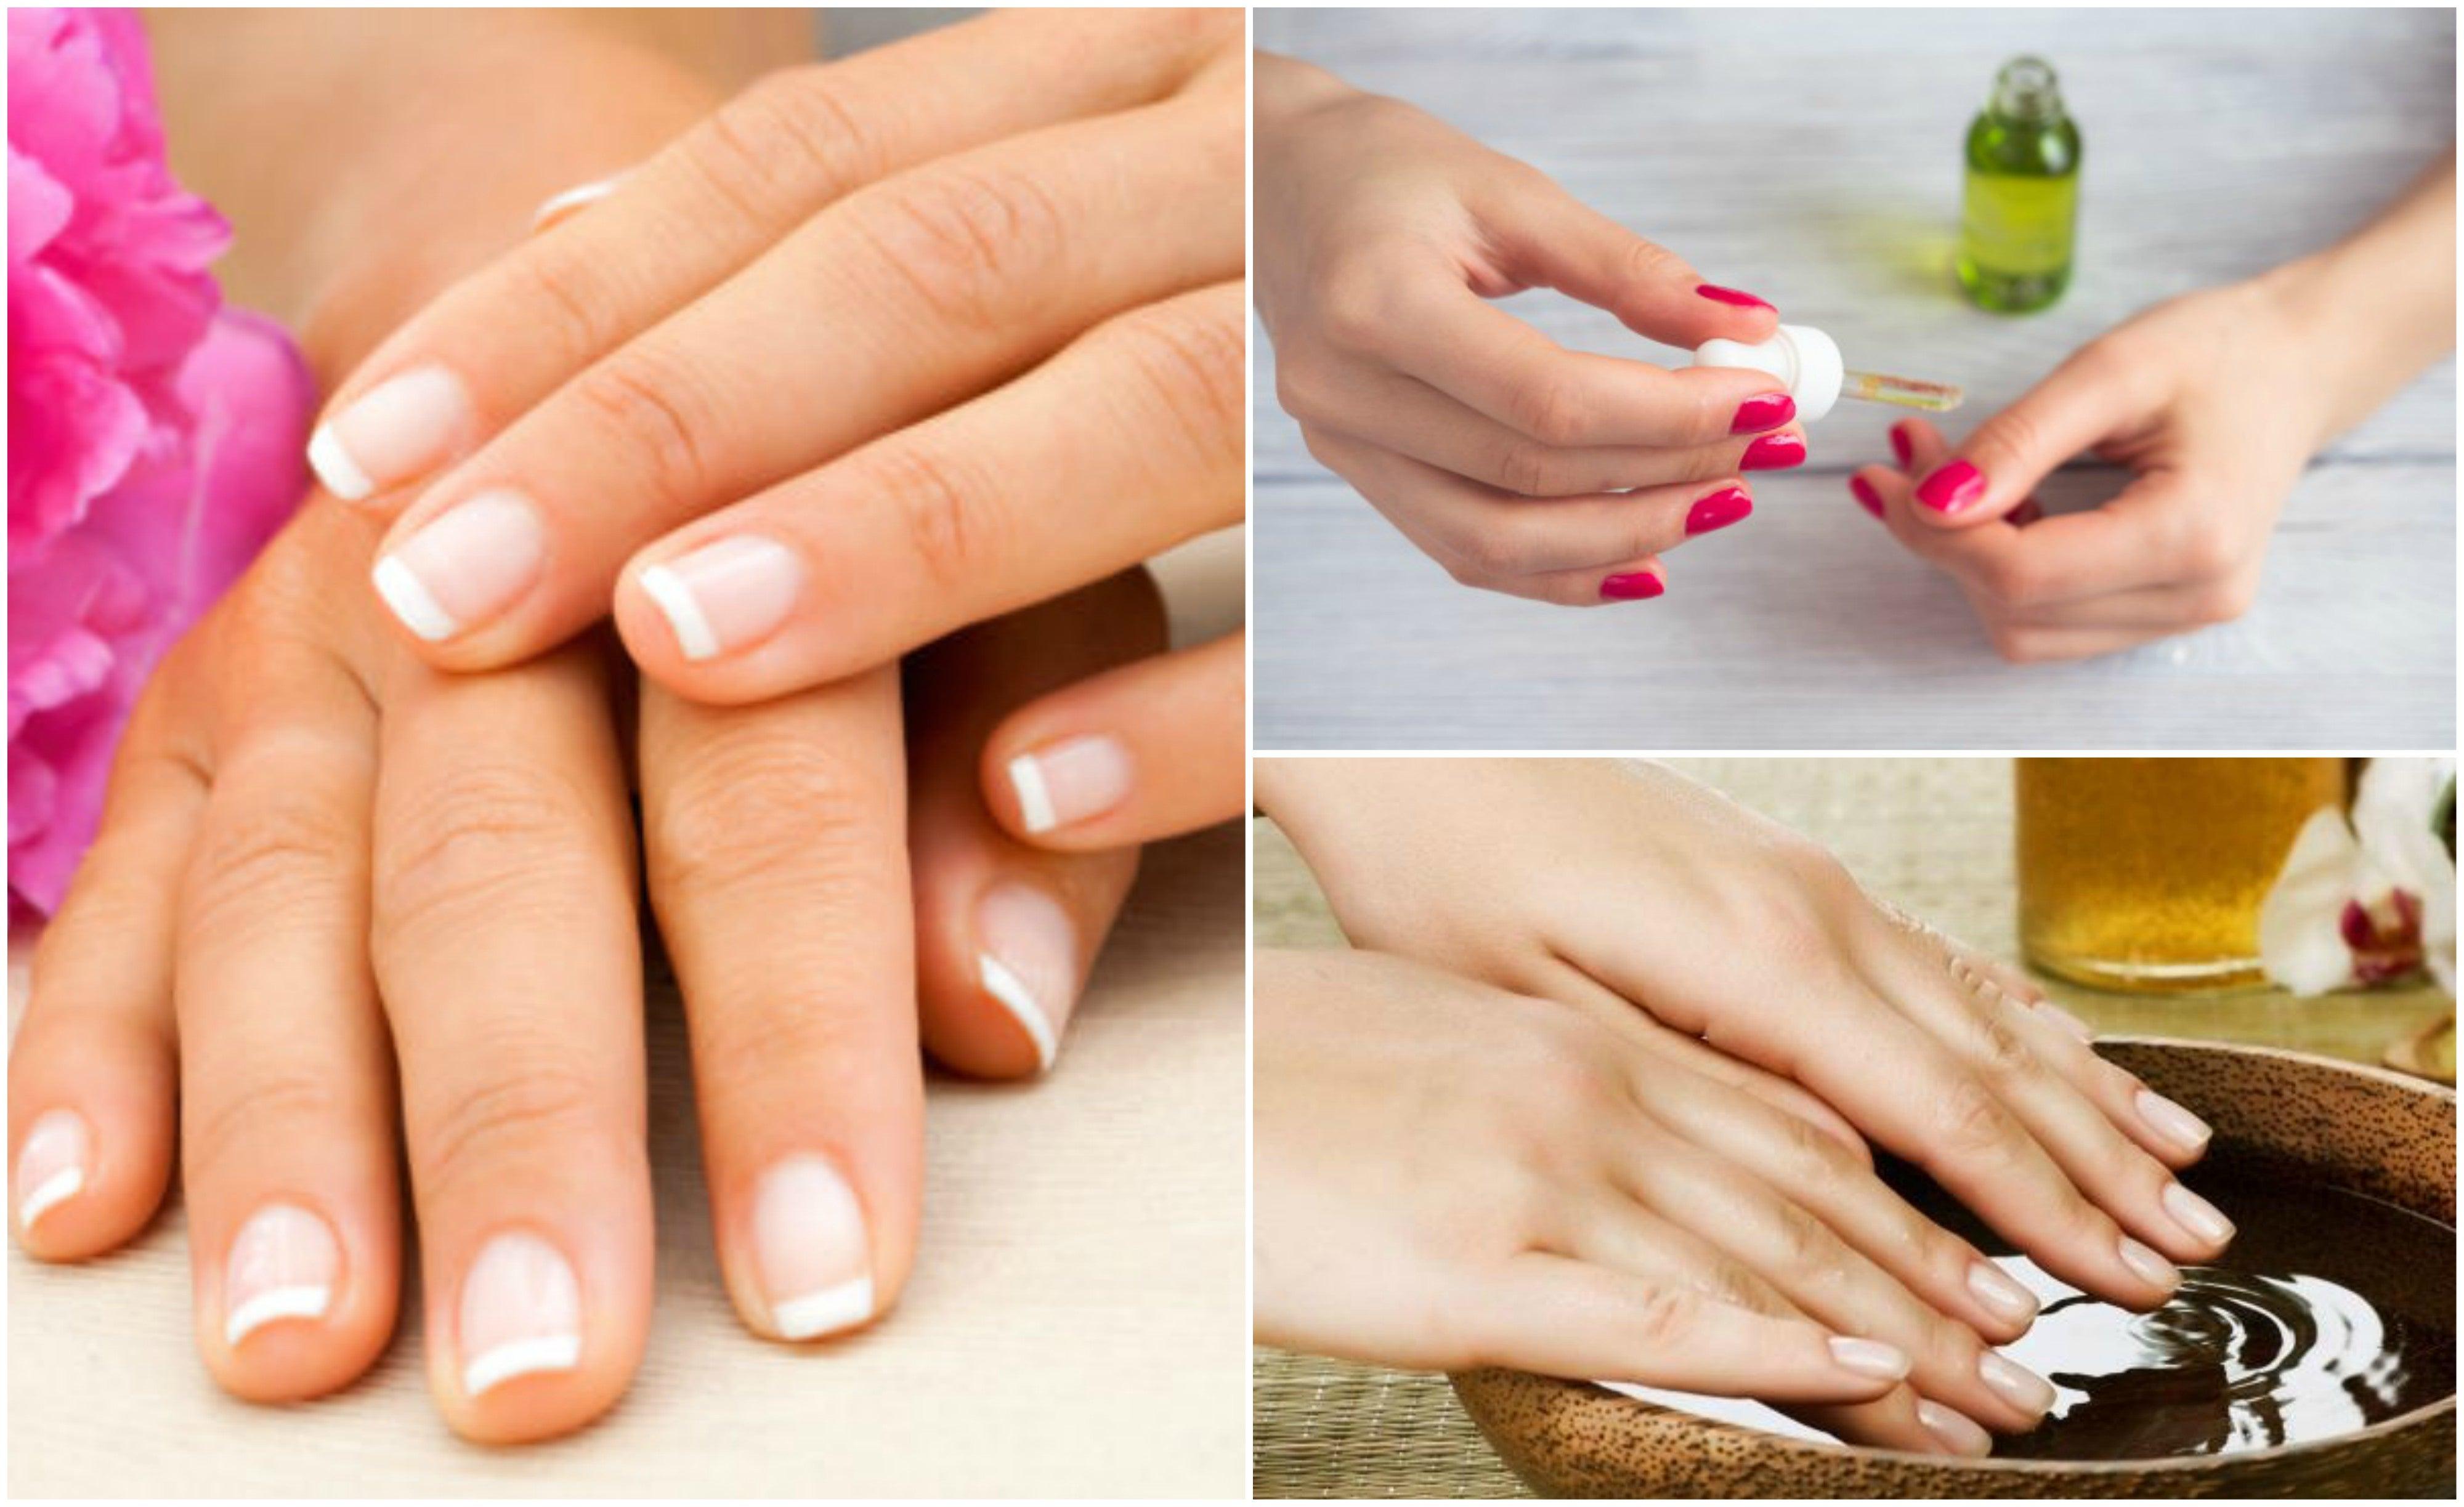 Mejora el aspecto de tus uñas utilizando 5 tratamientos caseros ...